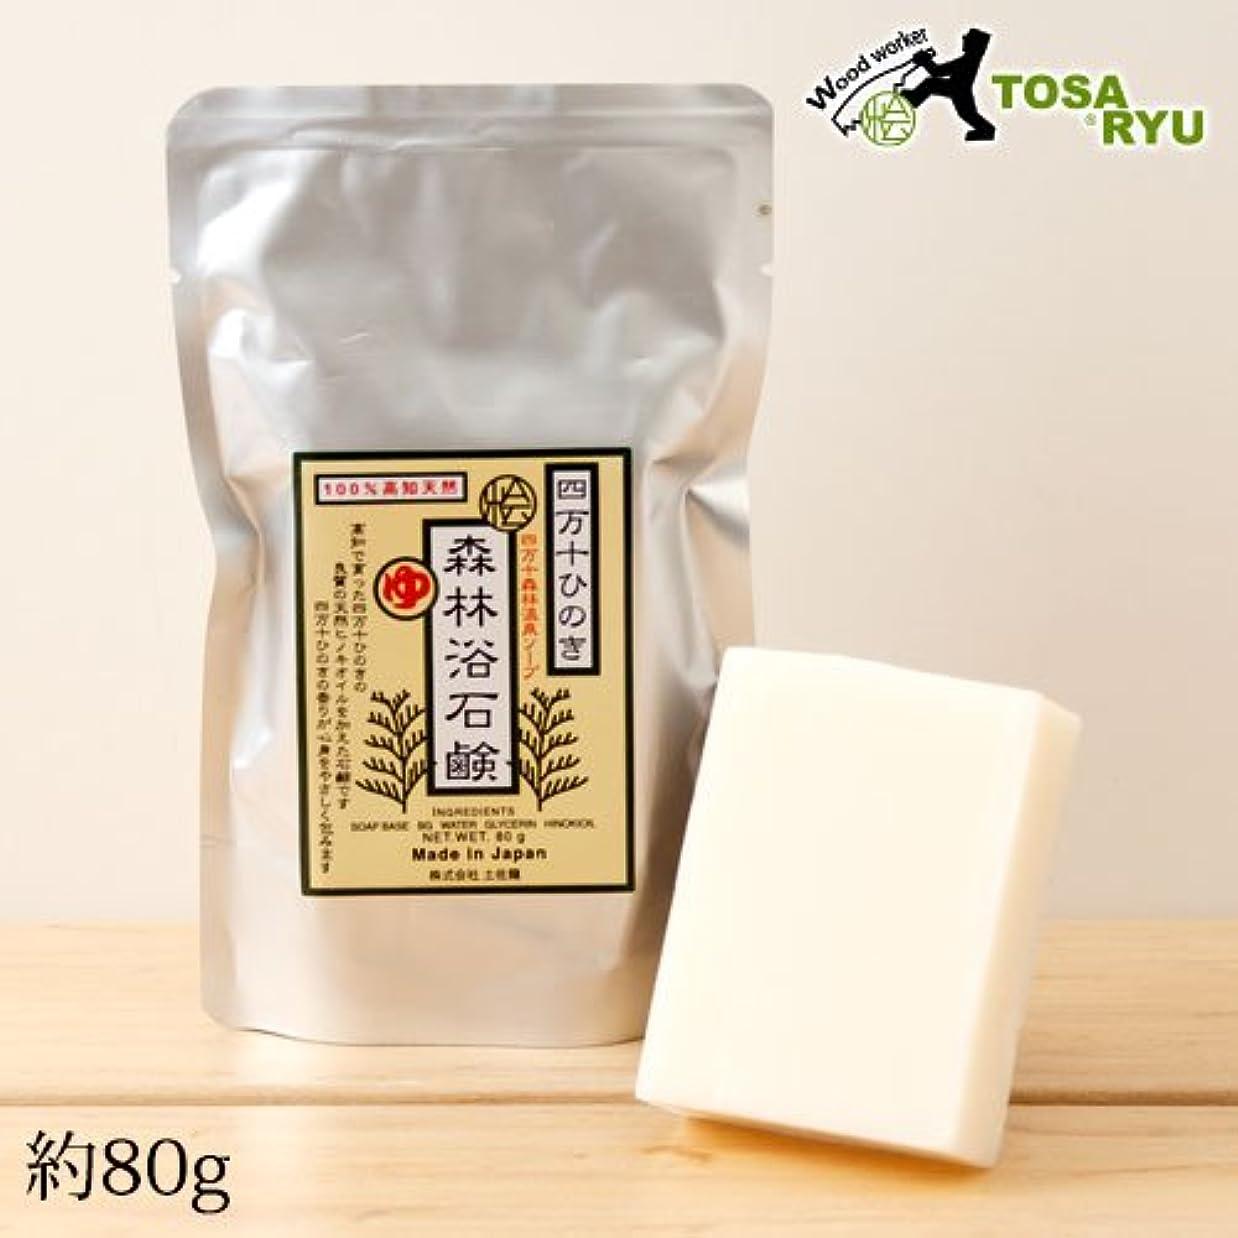 最初に鮫日食土佐龍四万十森林温泉石鹸ひのきの香りのアロマソープ高知県の工芸品Aroma soap scent of cypress, Kochi craft